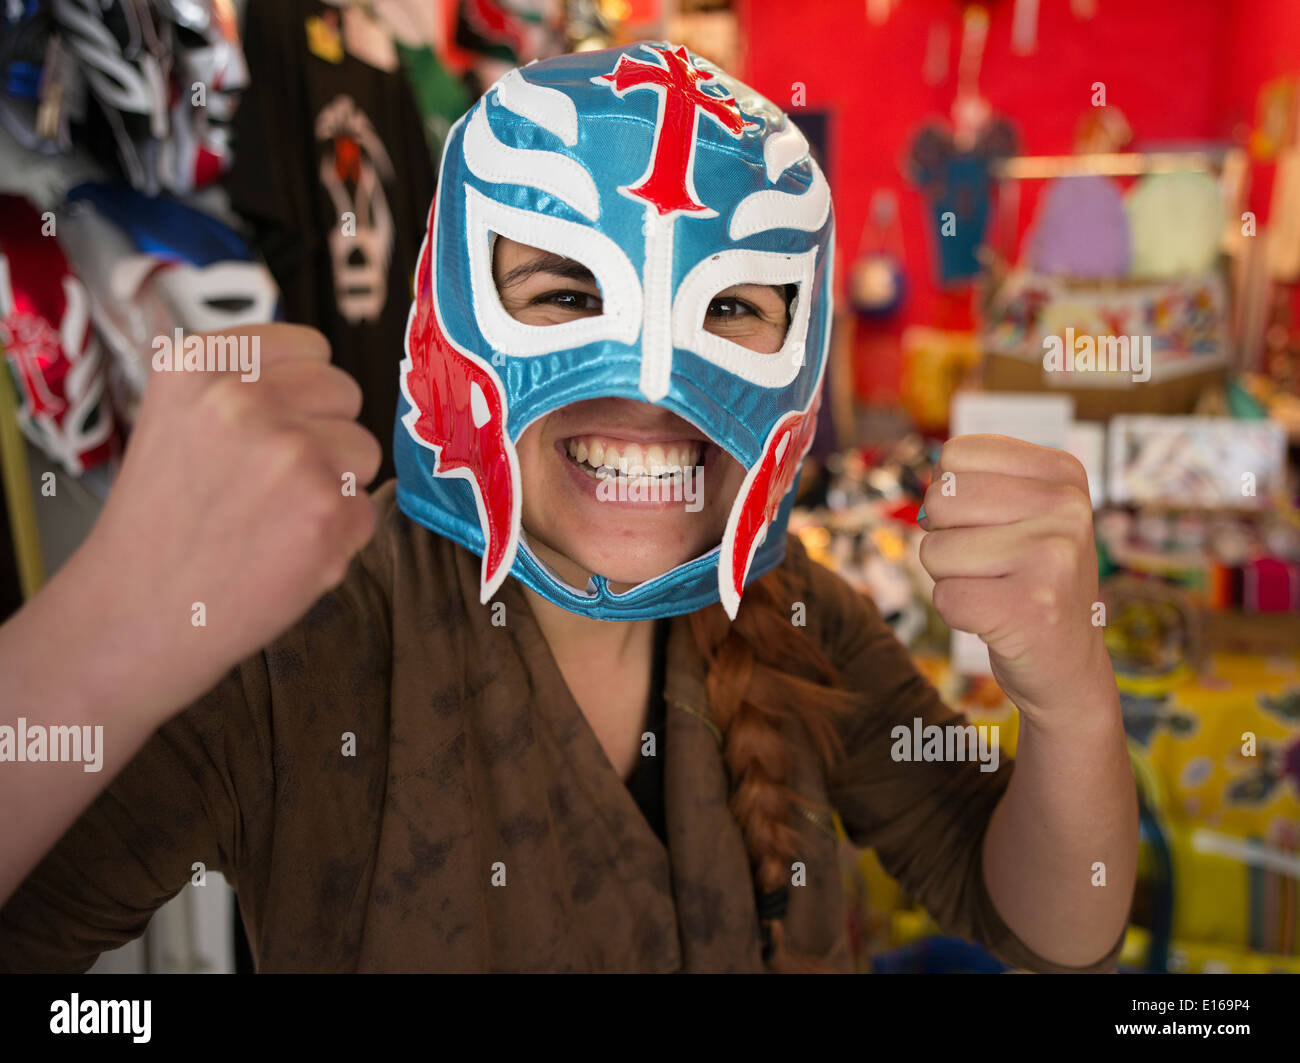 Máscaras de lucha libre mexicana en venta a tope, una tienda de productos mexicanos en el Mercado, saliendo Ichiba Kosetsu Kokusai Street, la ciudad de Naha. Imagen De Stock